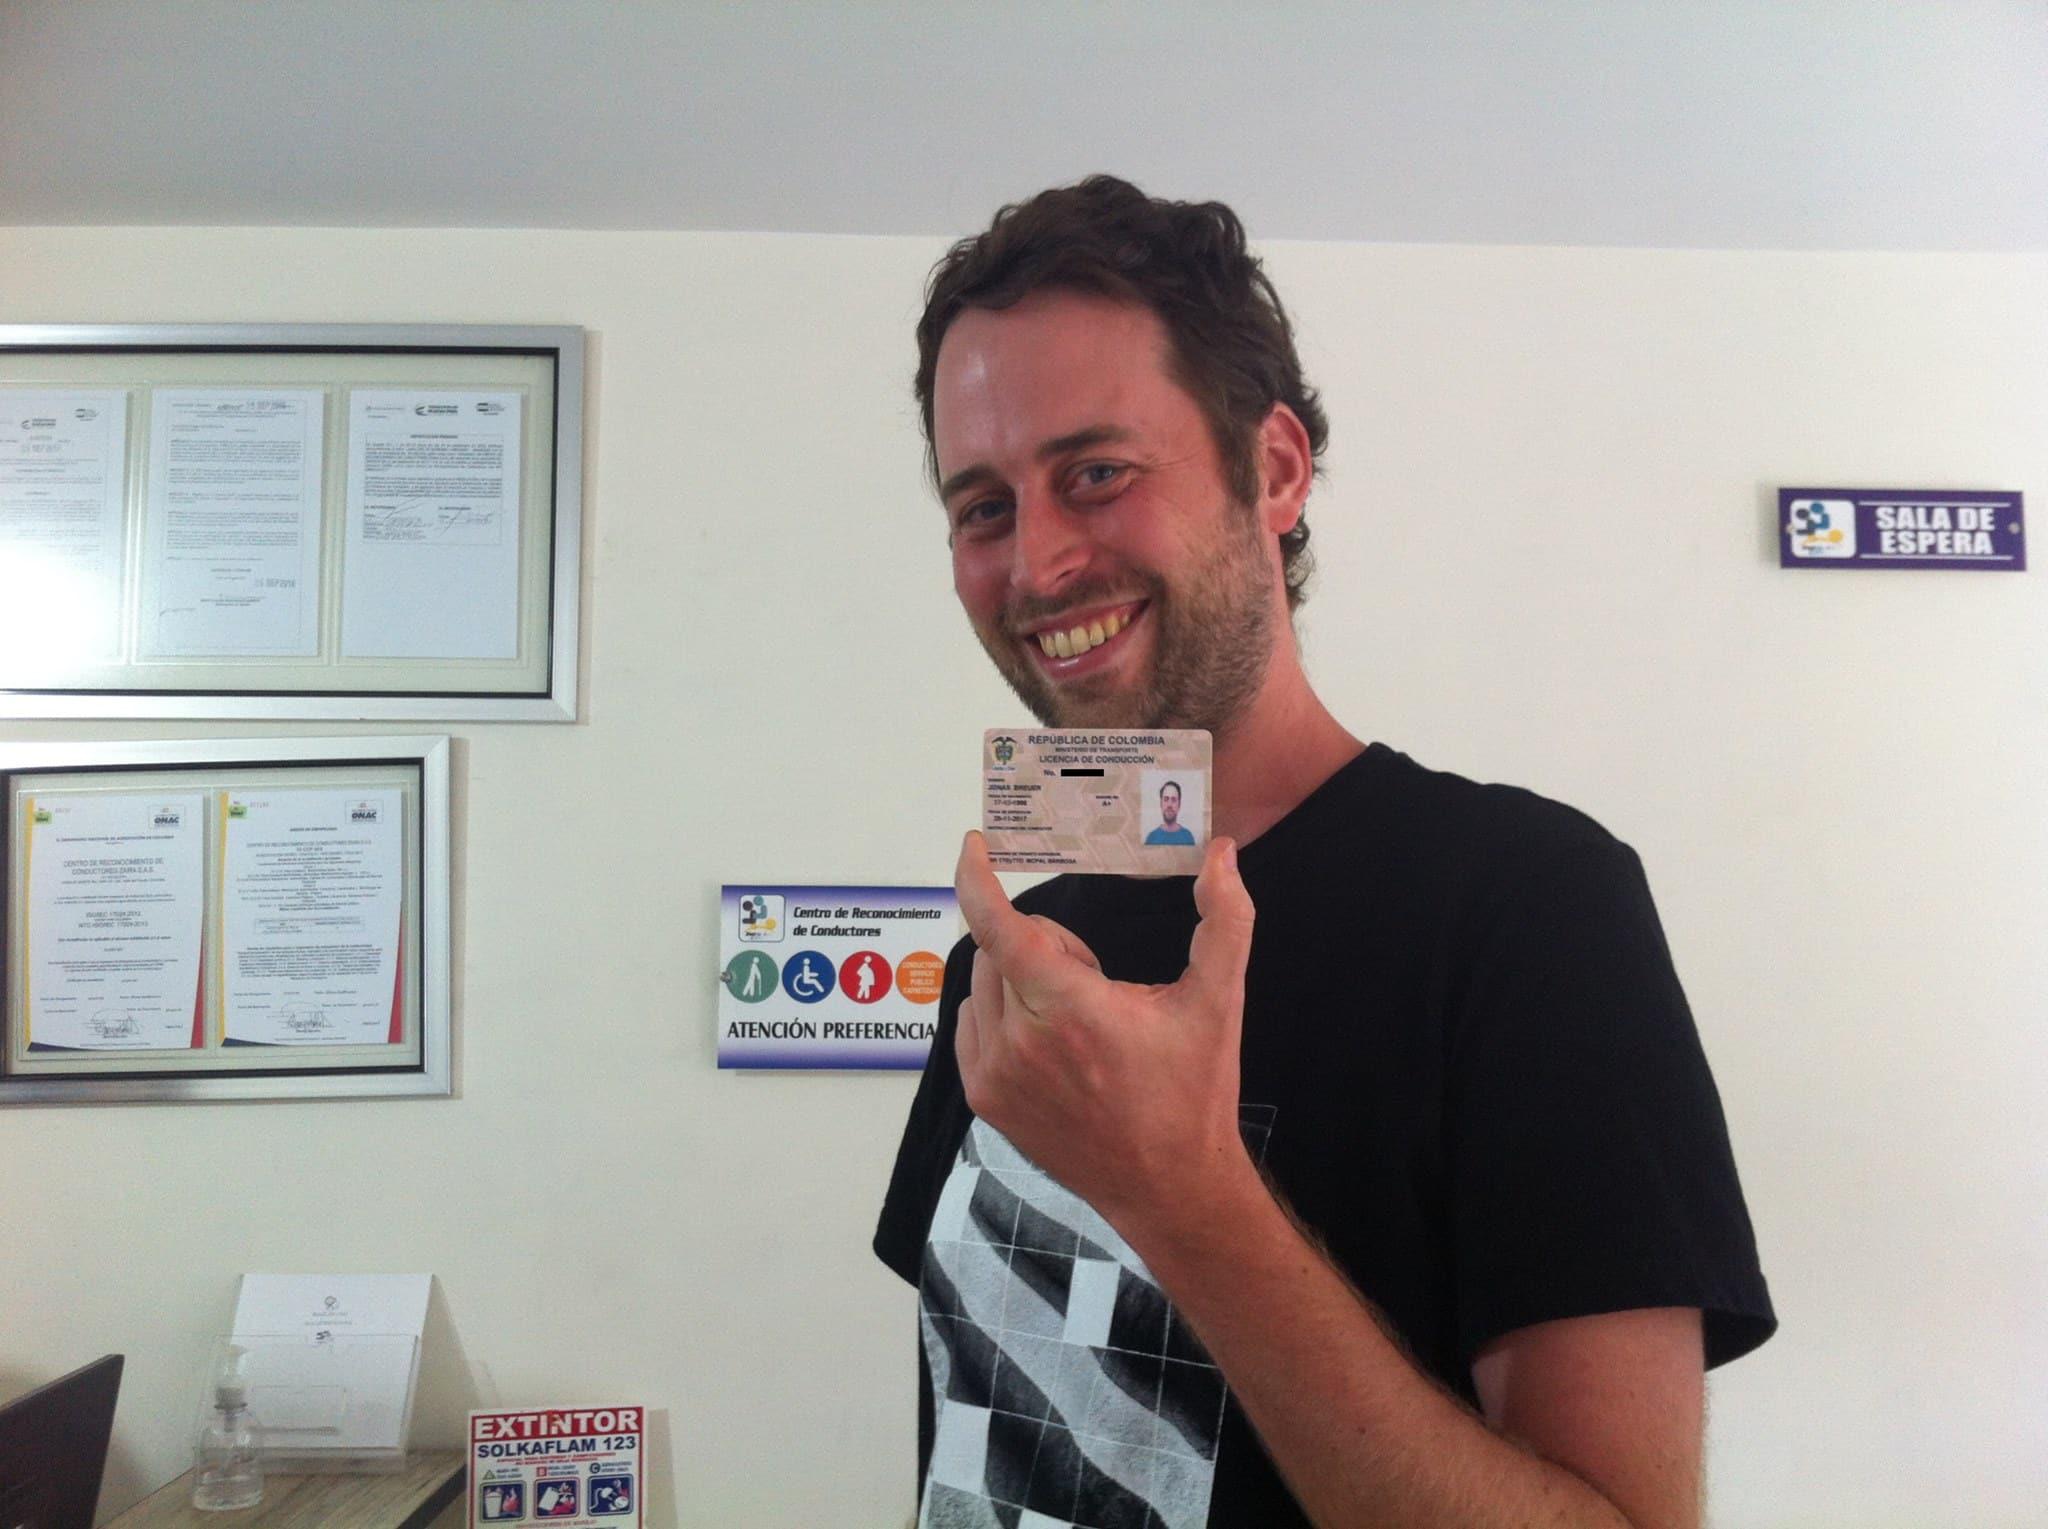 Führerschein Im Ausland Machen – Ein Erfahrungsbericht Aus Kolumbien